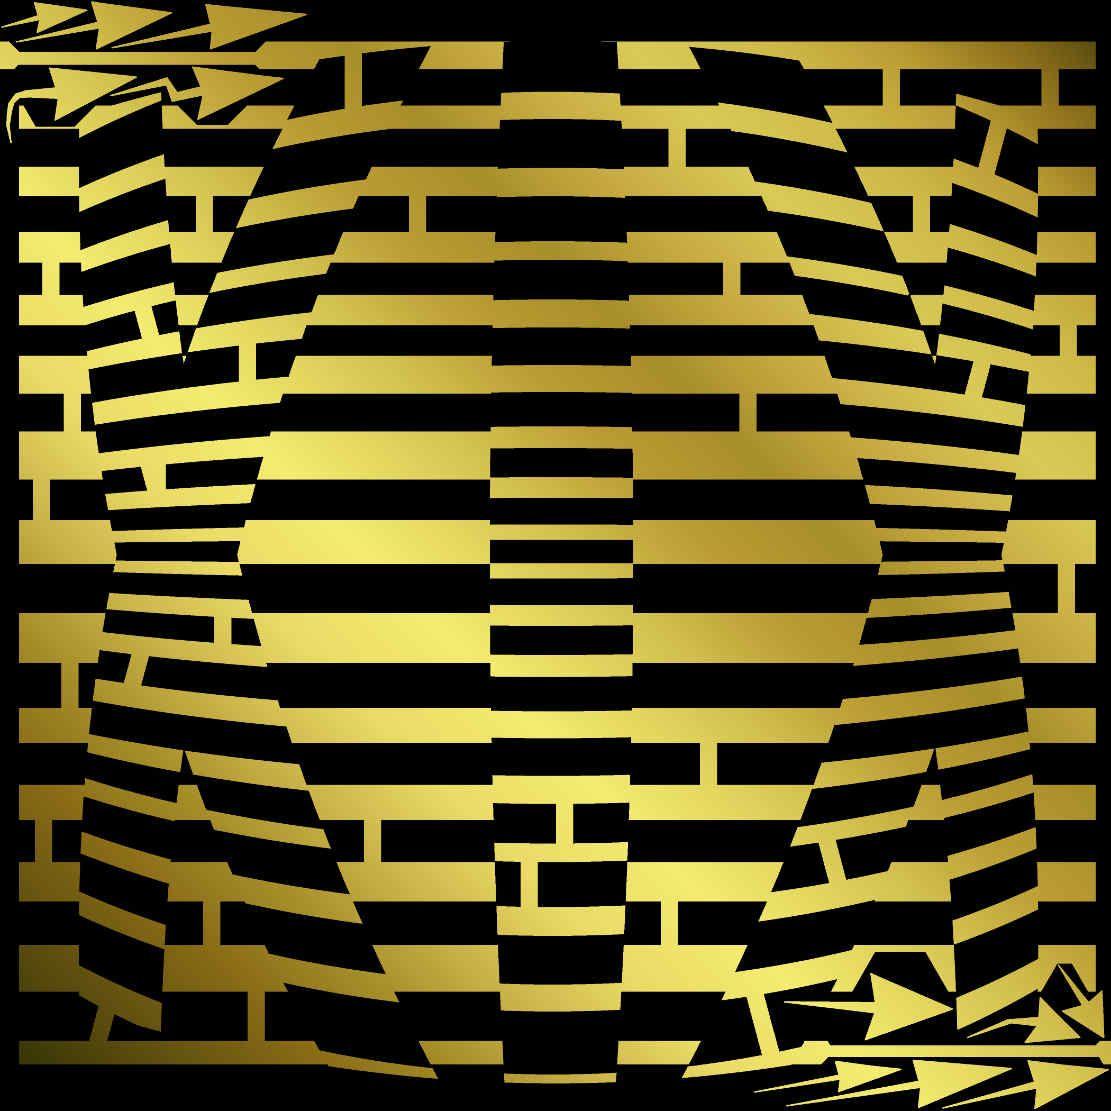 Golden version of the NINETEEN maze - XIX is 19 in roman ...